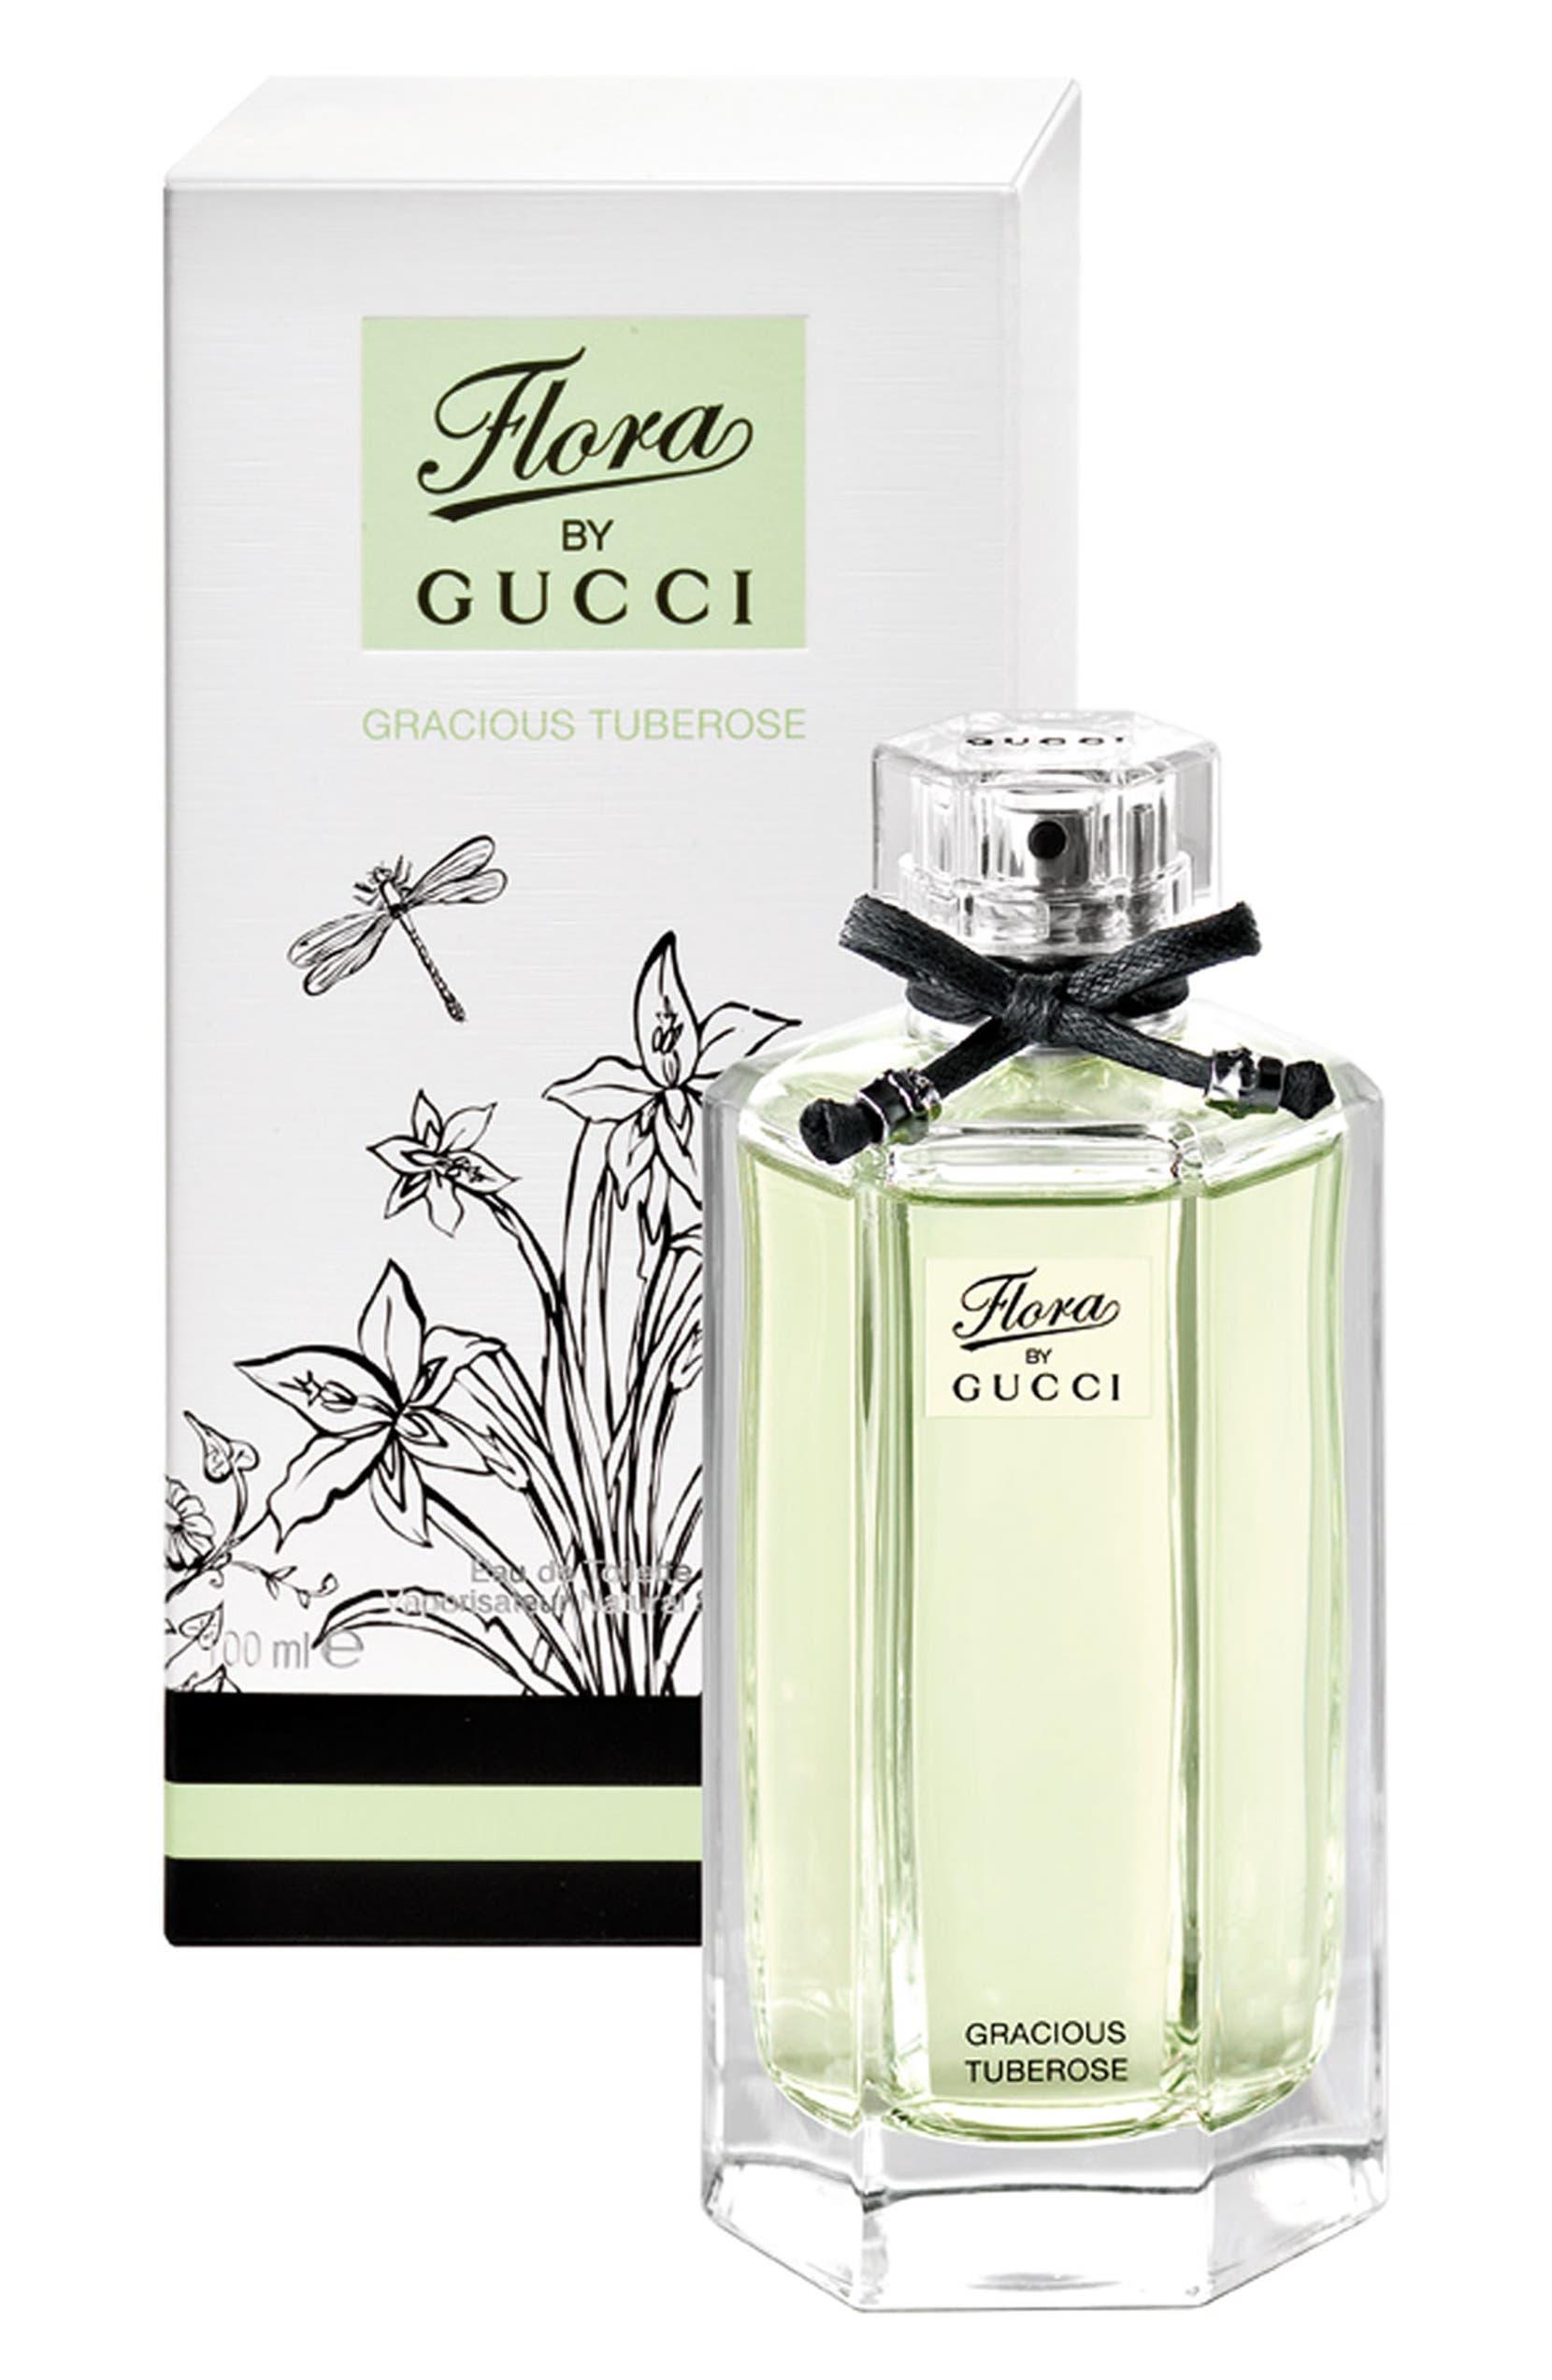 8eb991553 Gucci Flora by Gucci - Gracious Tuberose Eau de Toilette | Nordstrom